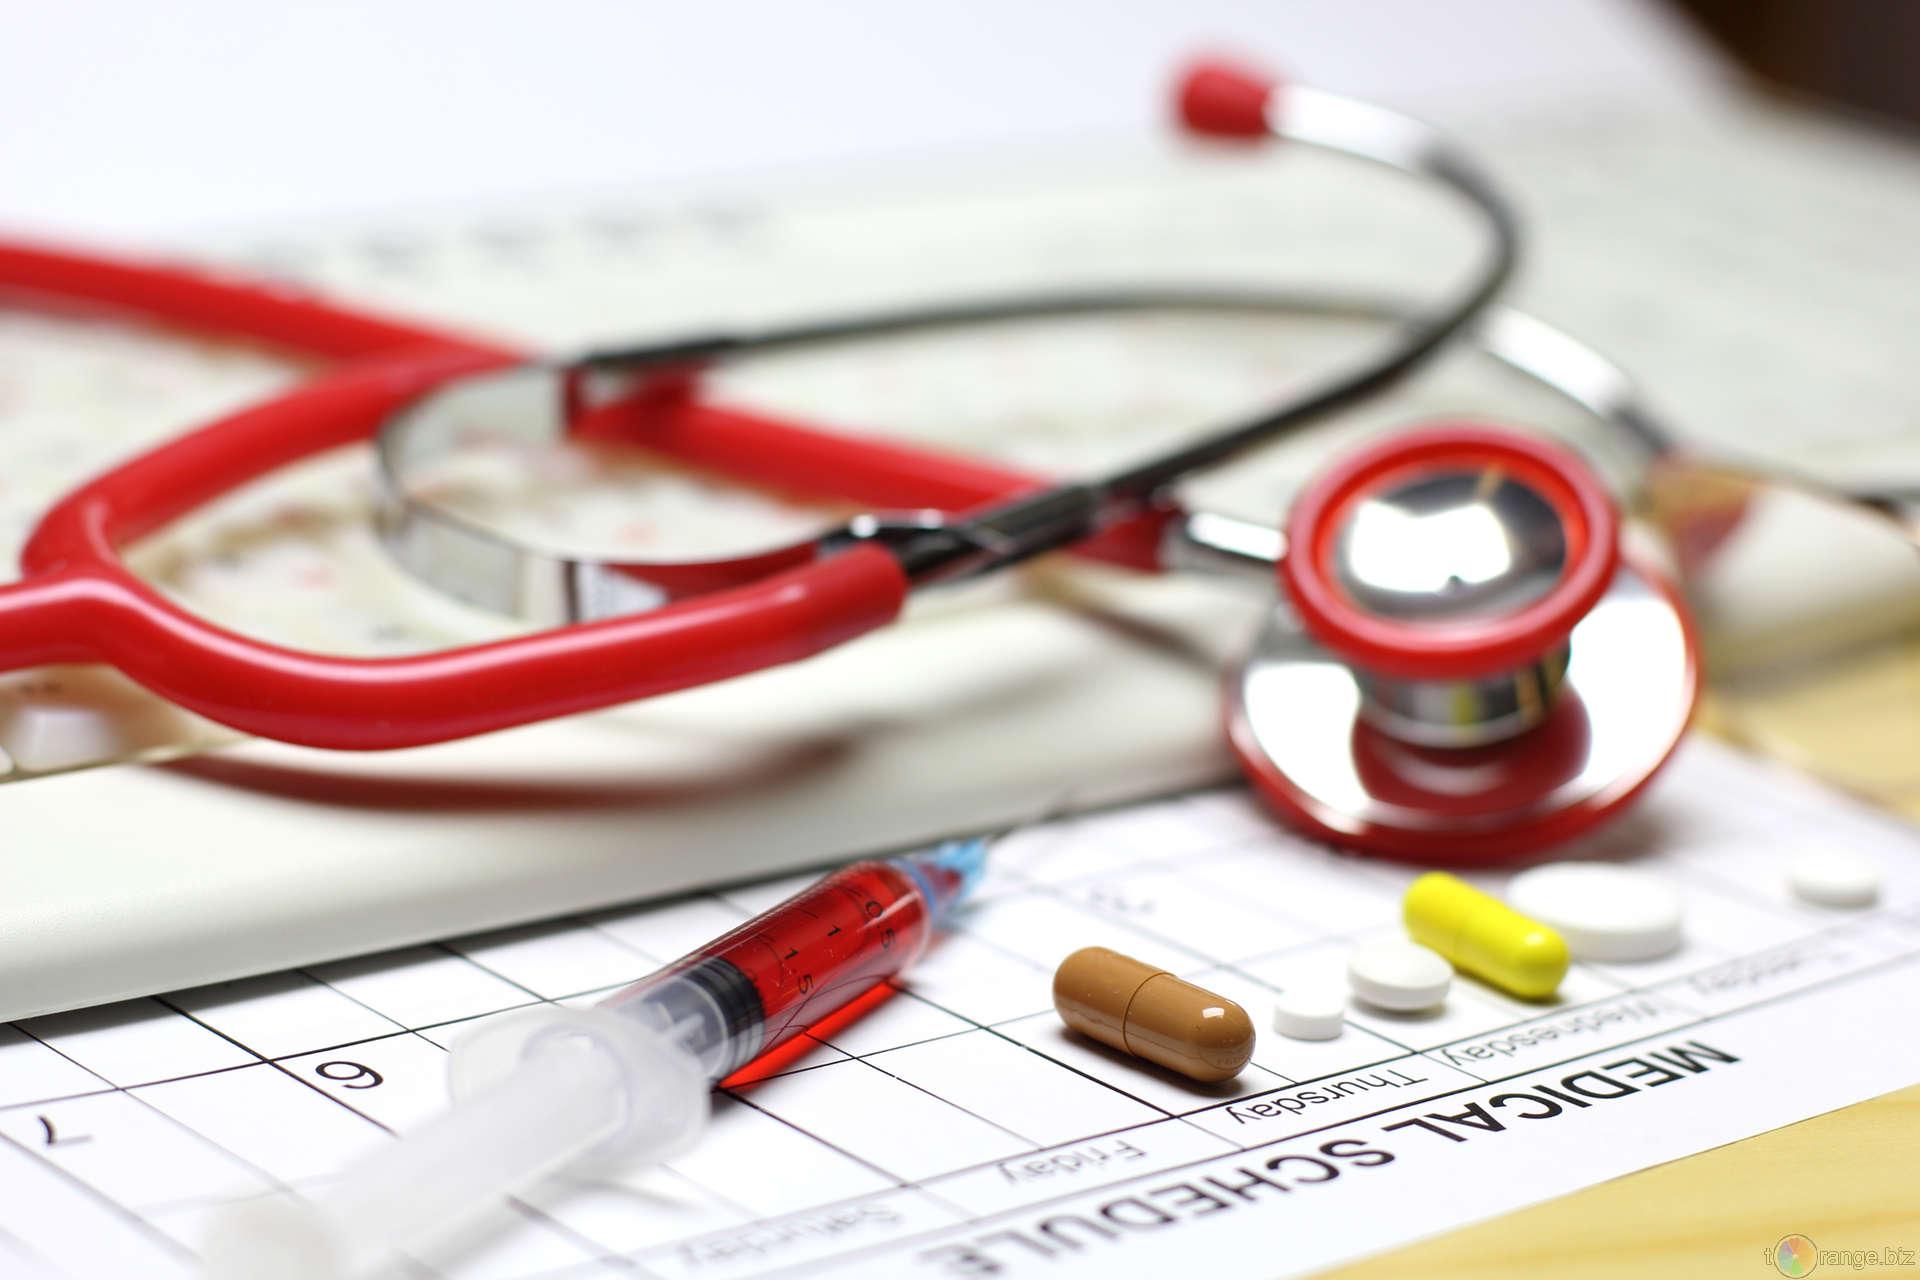 Зарегистрирован законопроект об общеобязательном государственном социальном медицинском страховании